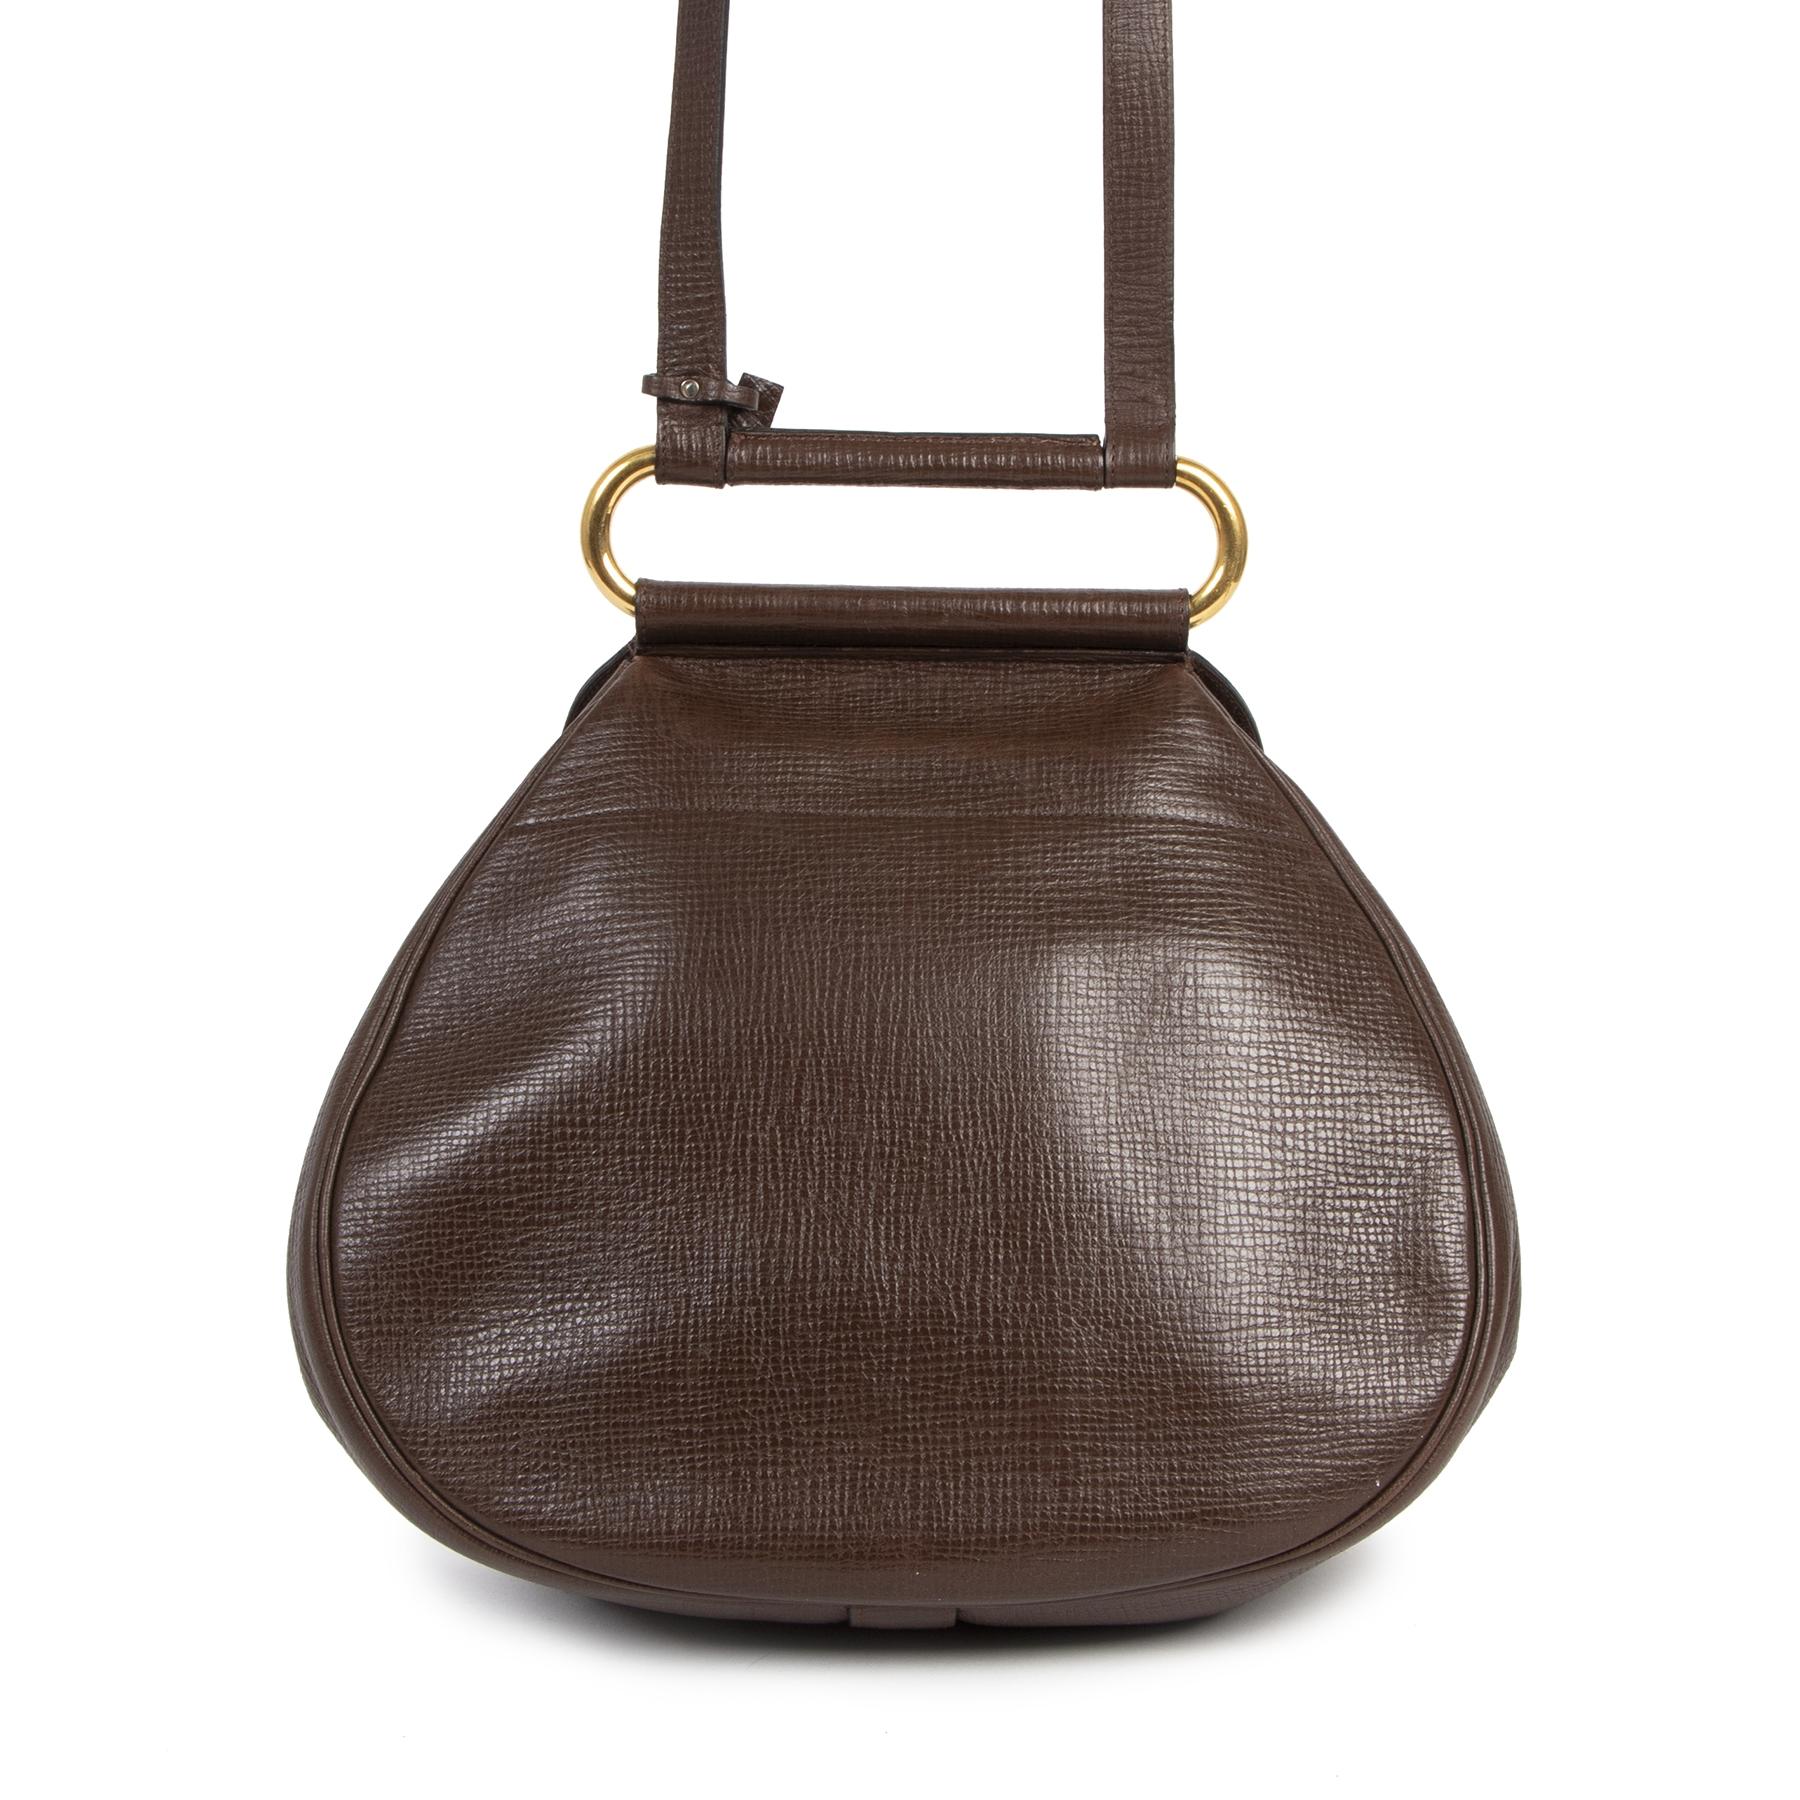 Koop veilig online, authentieke tweedehands Delvaux tassen met de juiste prijs bij LabelLOV.